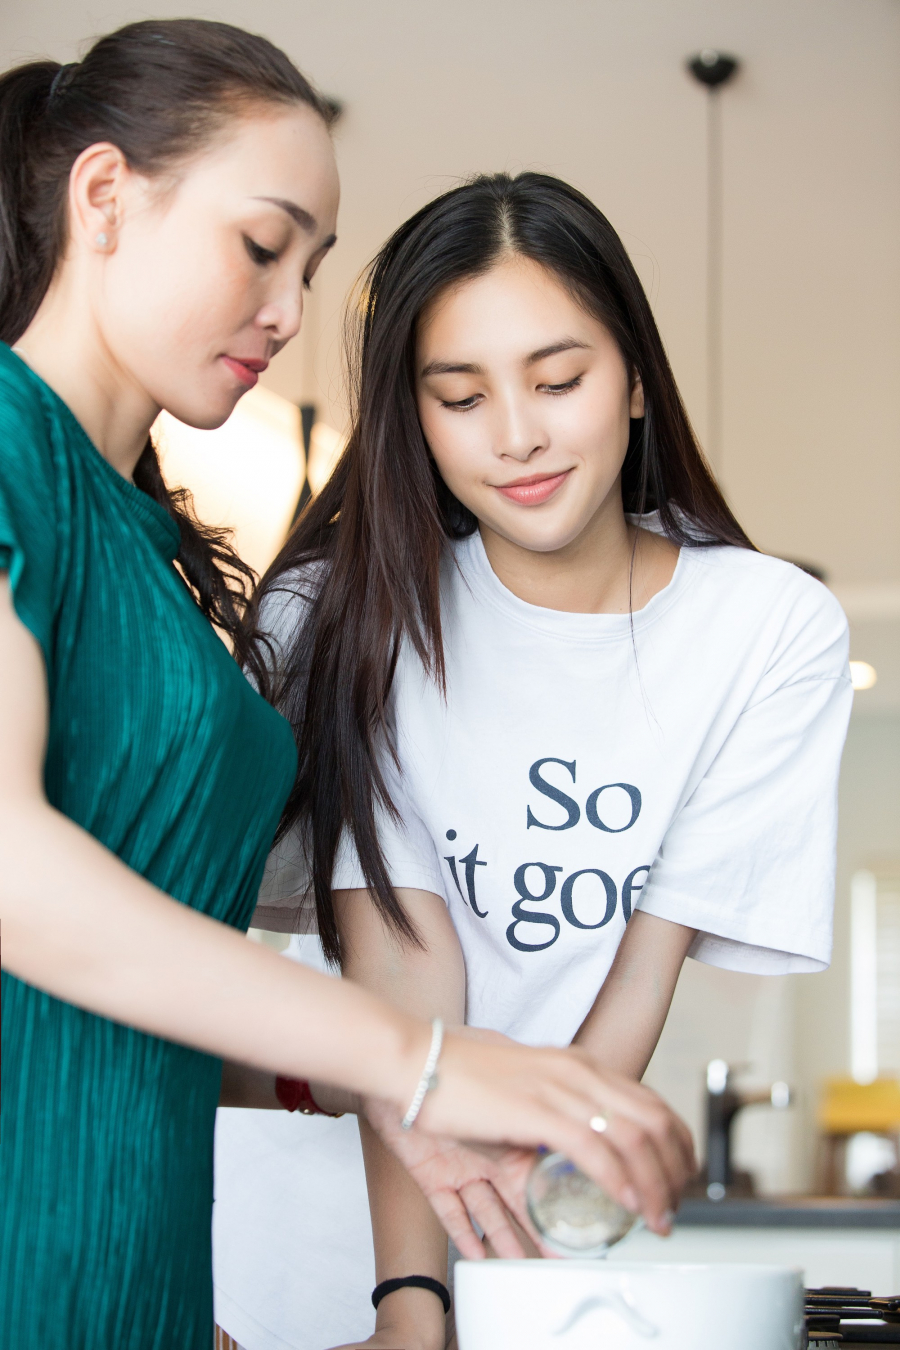 Hoa hậu Tiểu Vy tiết lộ bí mật về hàng lông mày tự nhiên giúp cô chẳng cần tô vẽ vẫn tự tin ra đường - Ảnh 3.